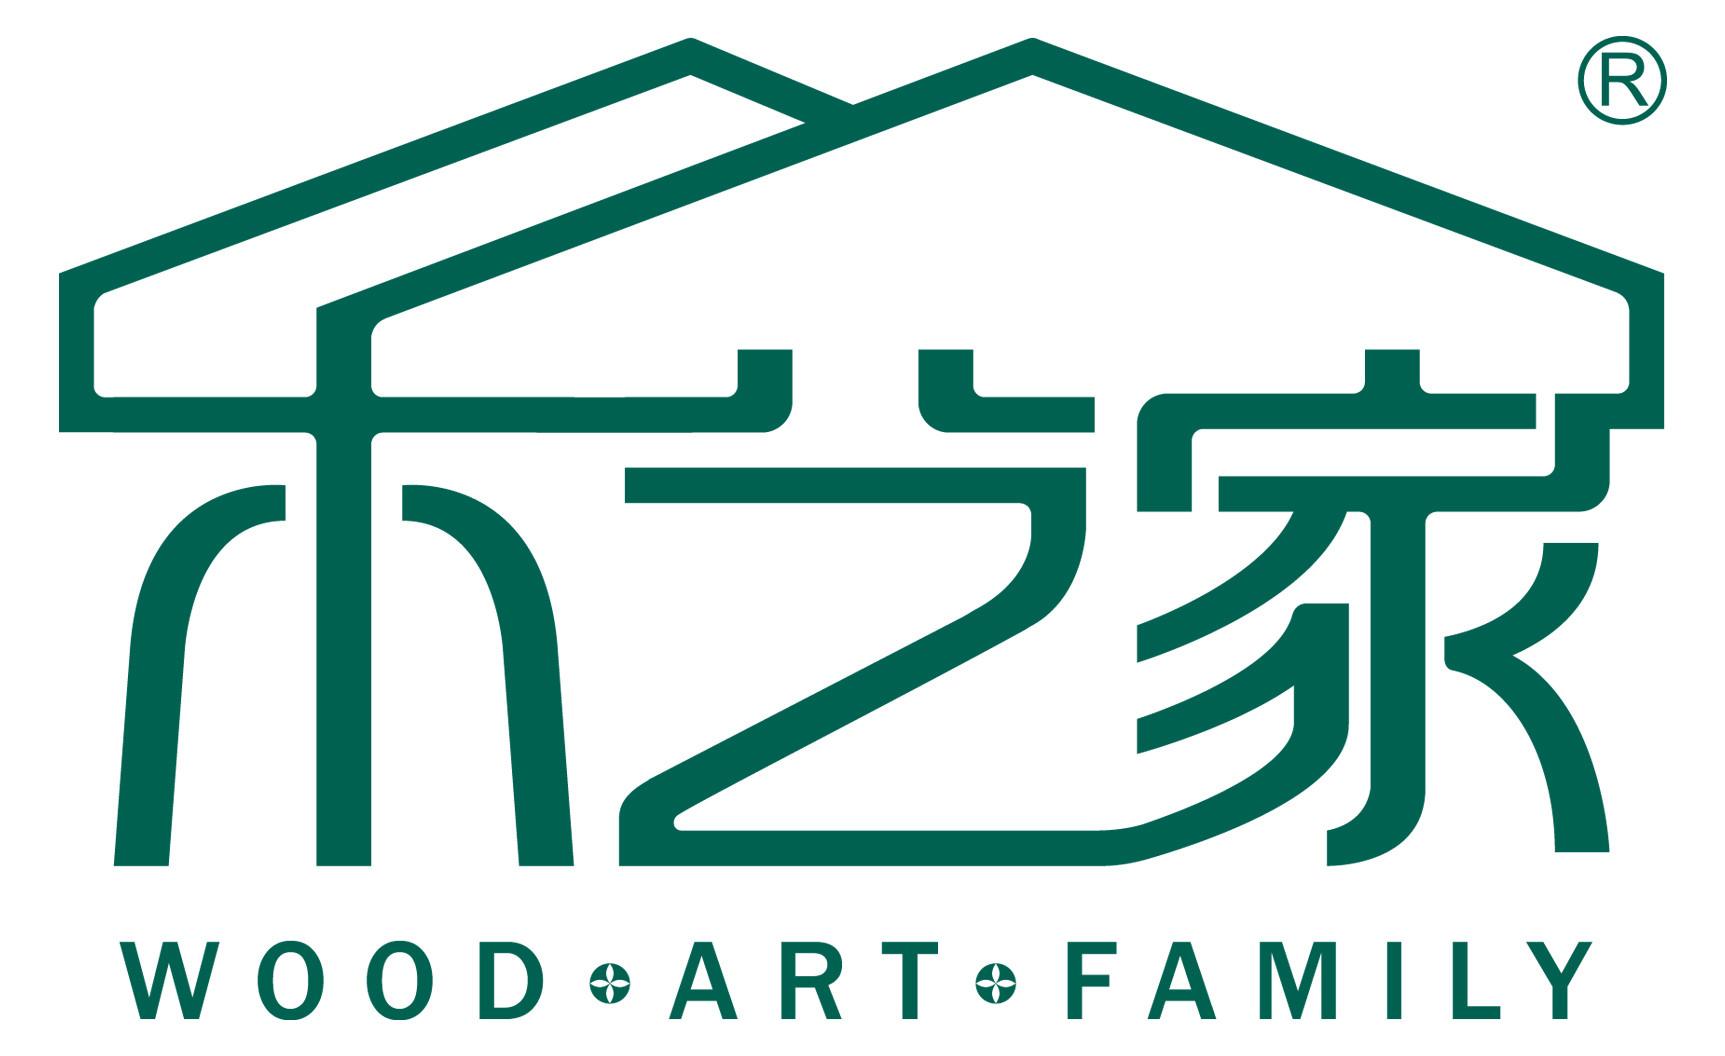 木艺家 WOOD ART FAMILY